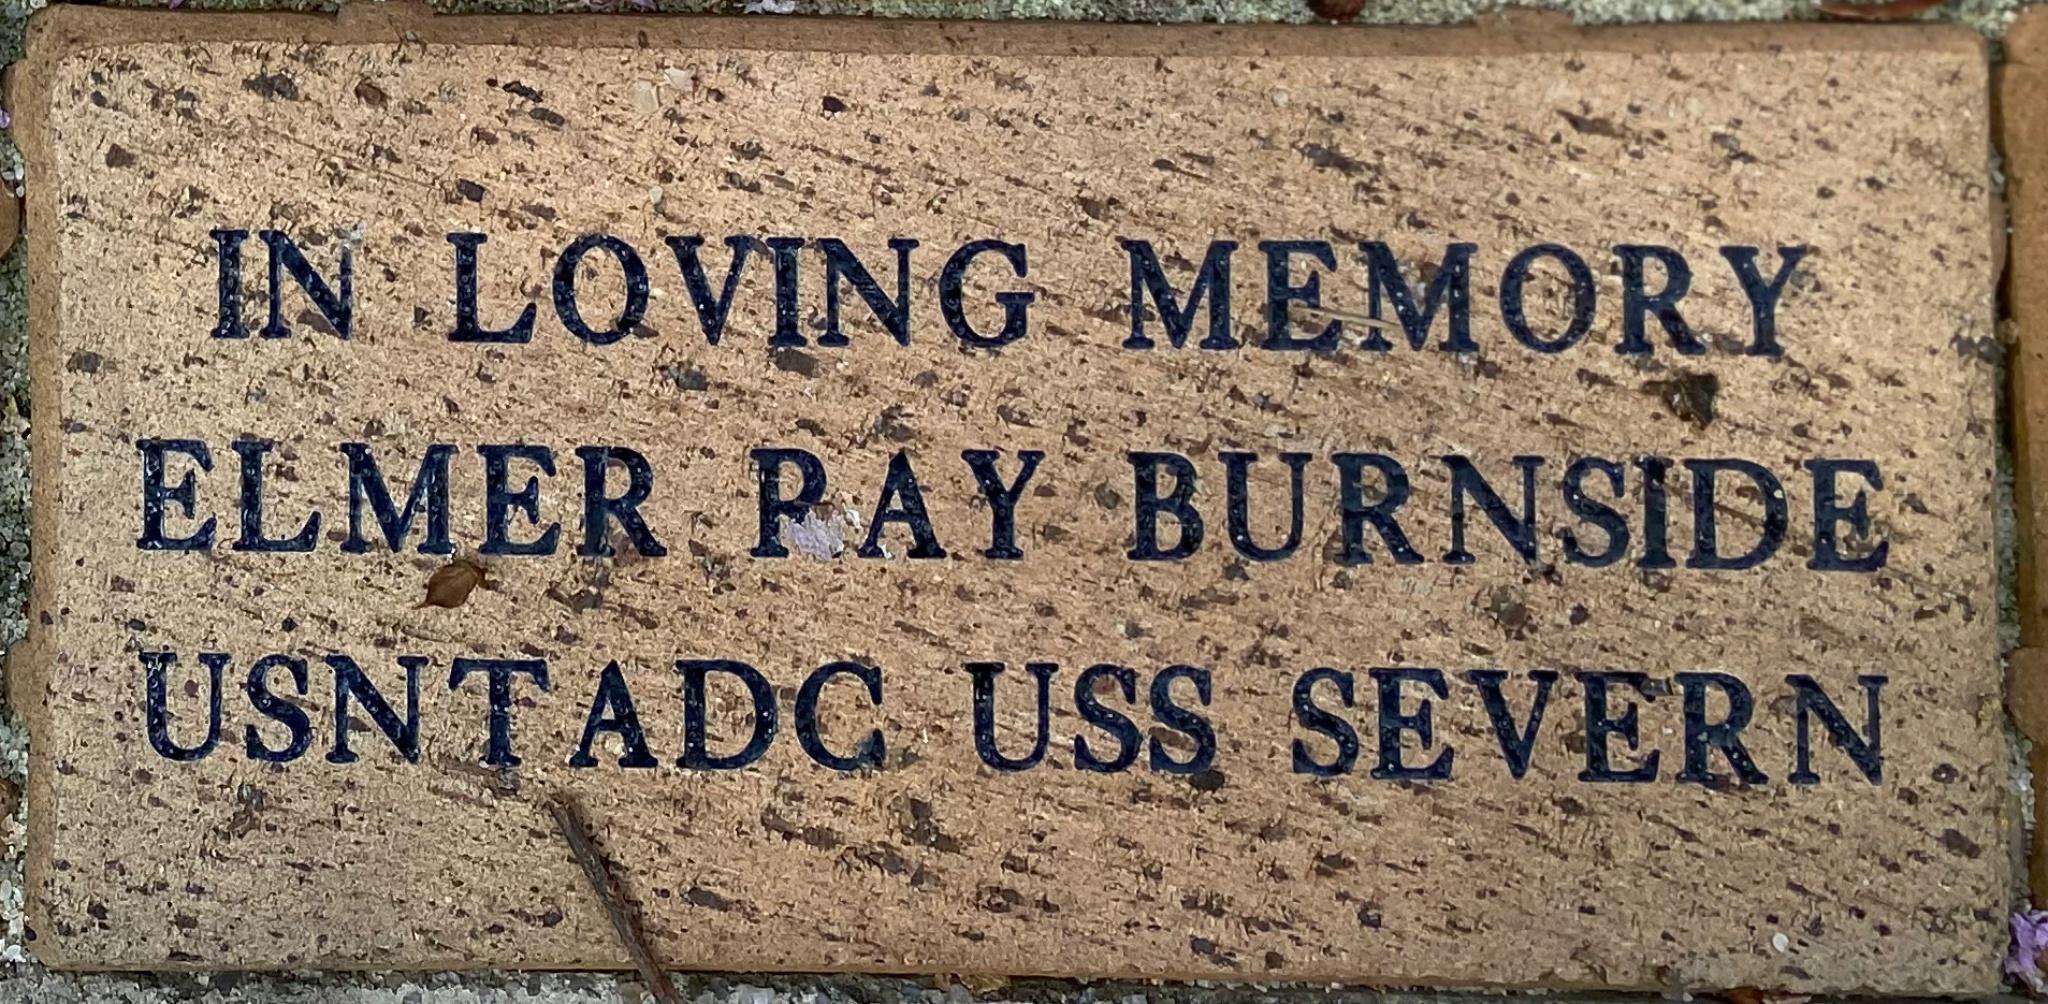 IN LOVING MEMORY  ELMER RAY BURNSIDE USNTADC USS SEVERN